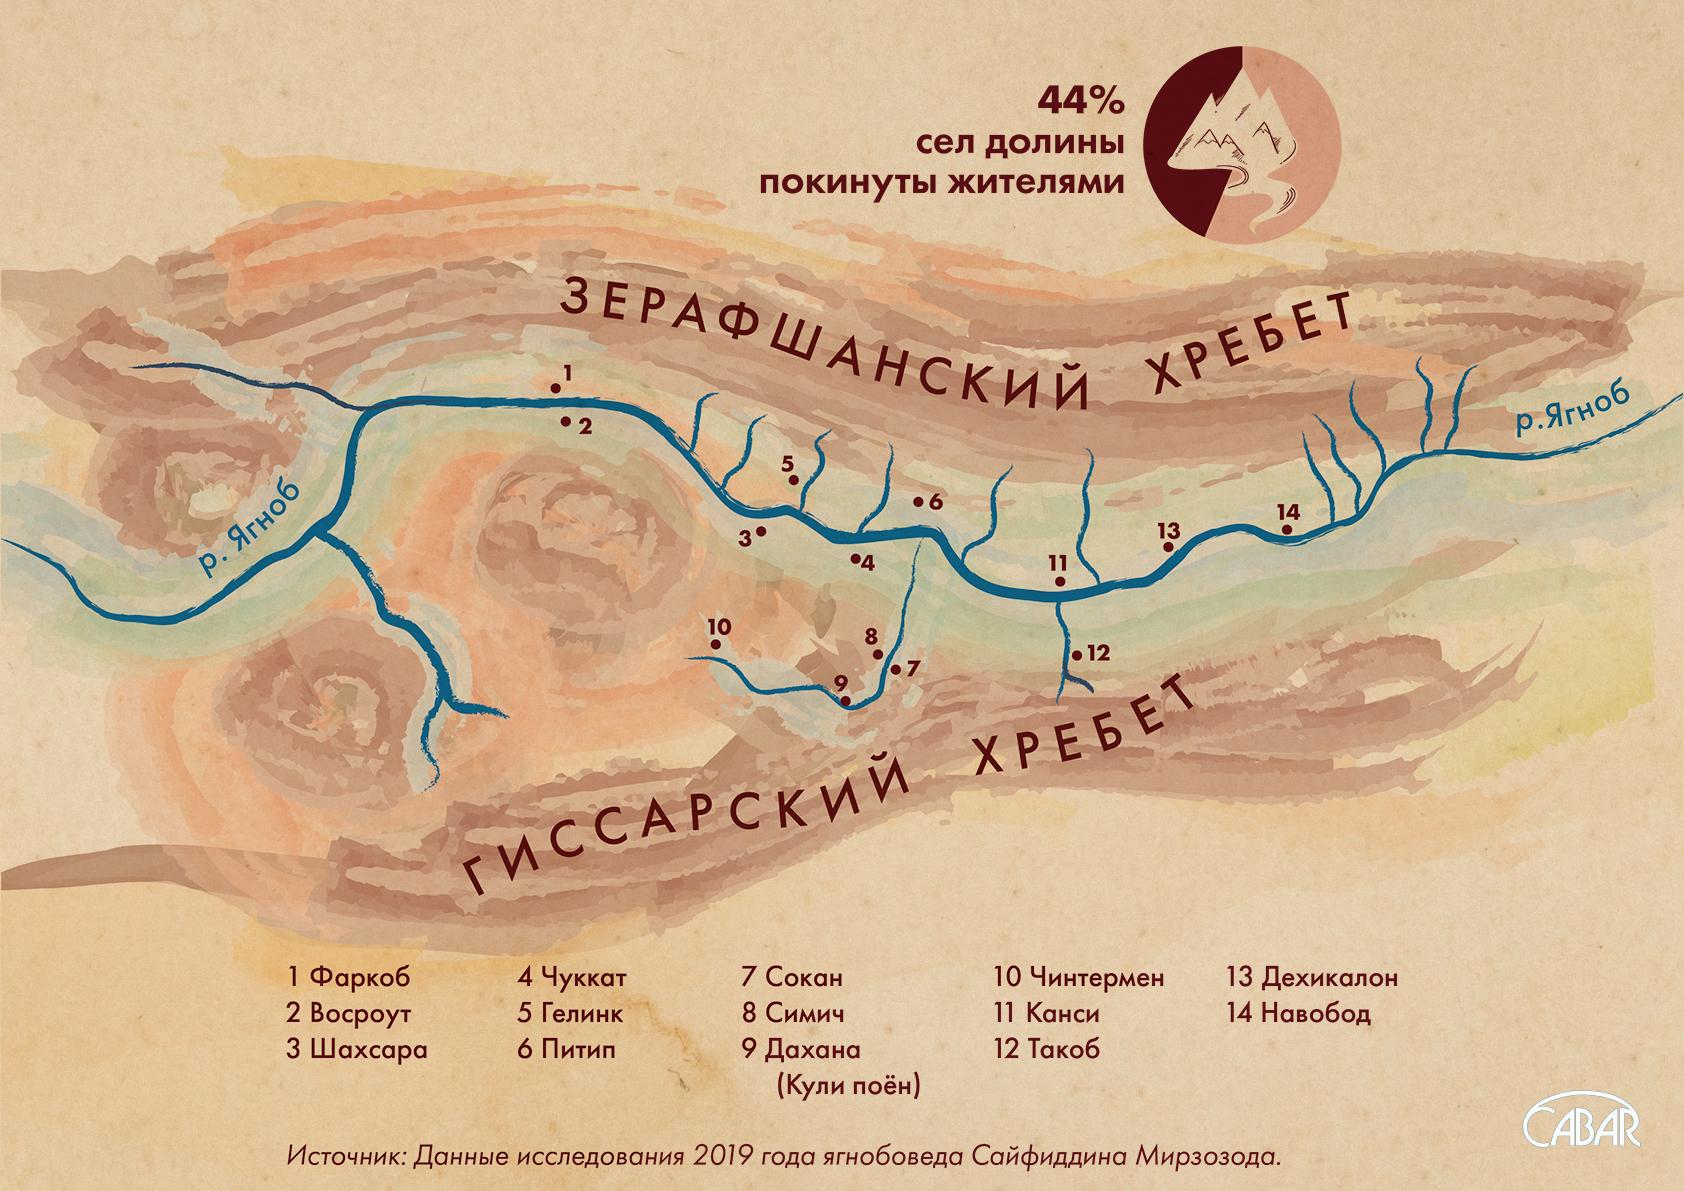 Карта заброшенных сел долины Ягноб: Изготовлена по заказу CABAR.asia на основе данных Сайфиддина Мирзозода